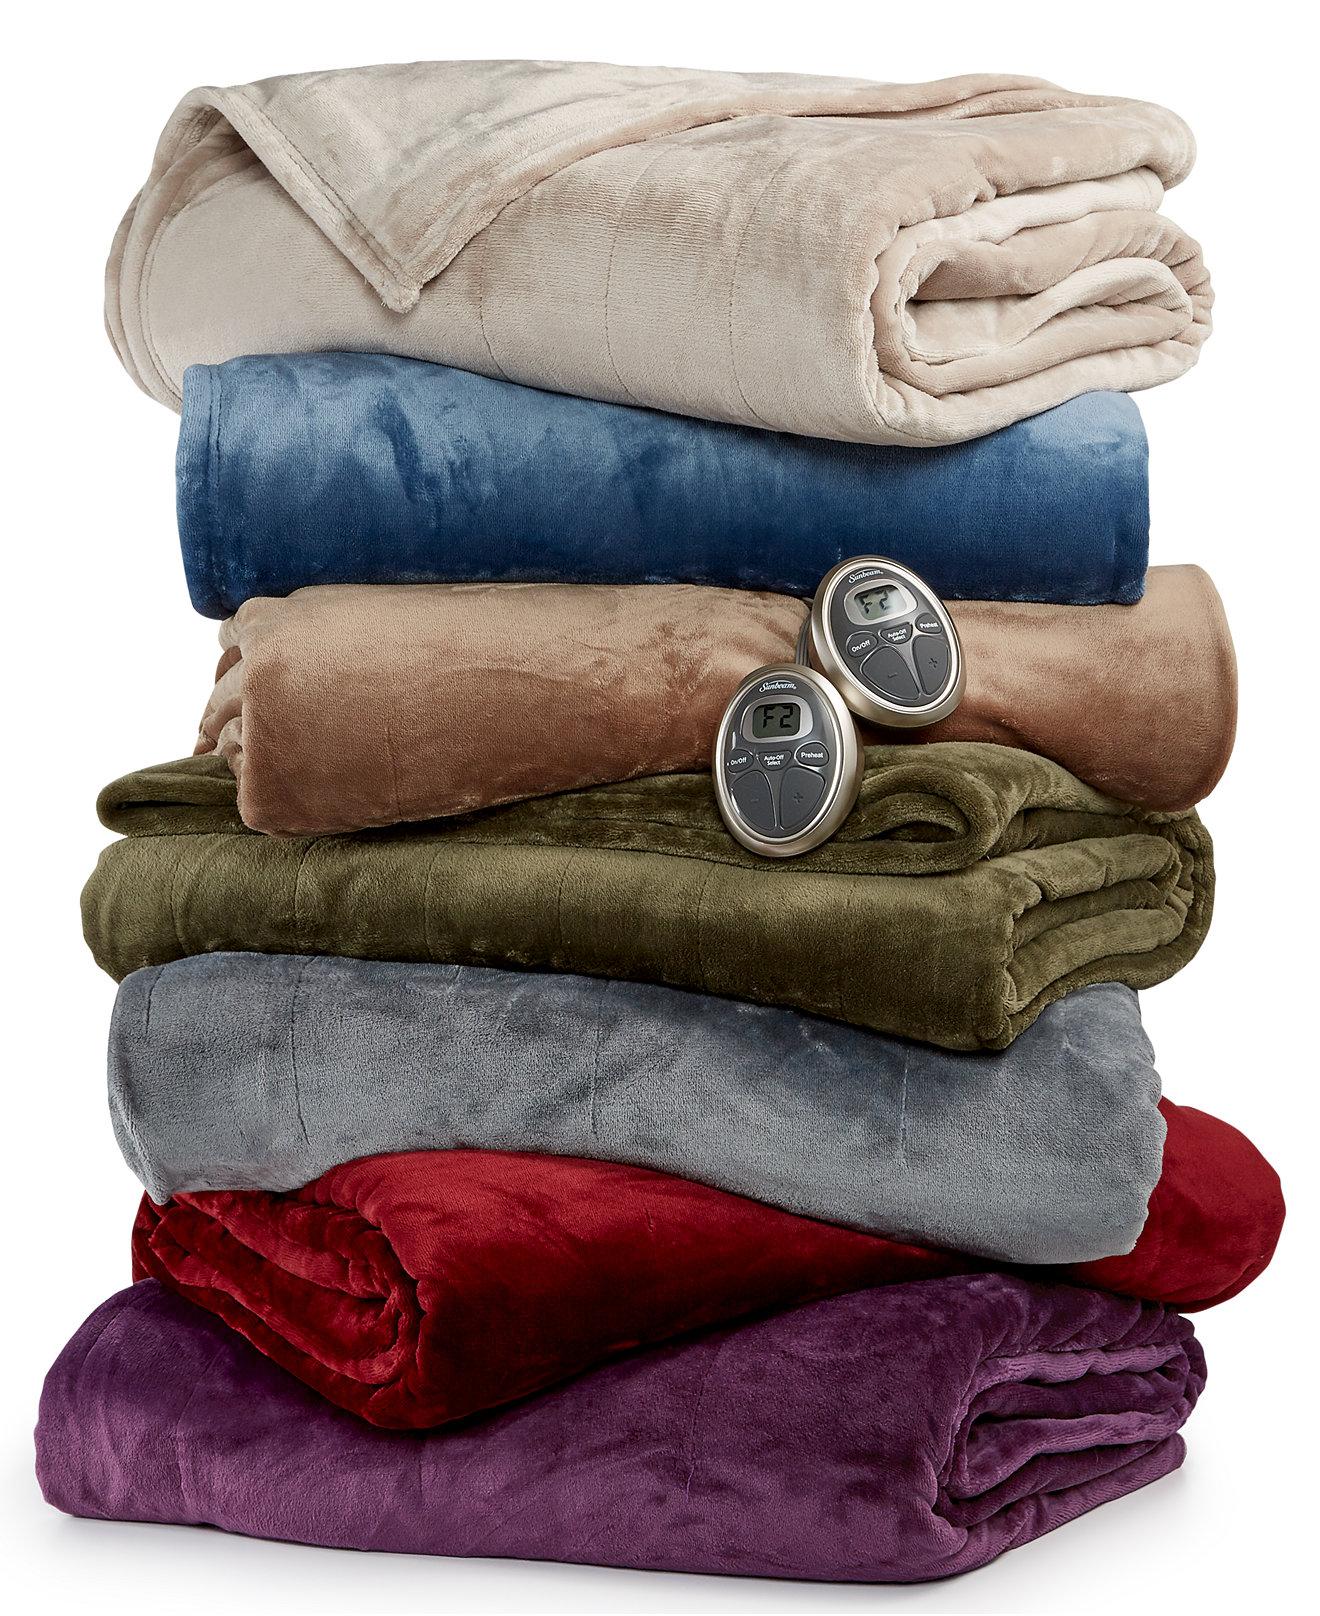 Christmas shower curtains on ebay - Slumber Rest Velvet Plush Heated Blankets By Sunbeam